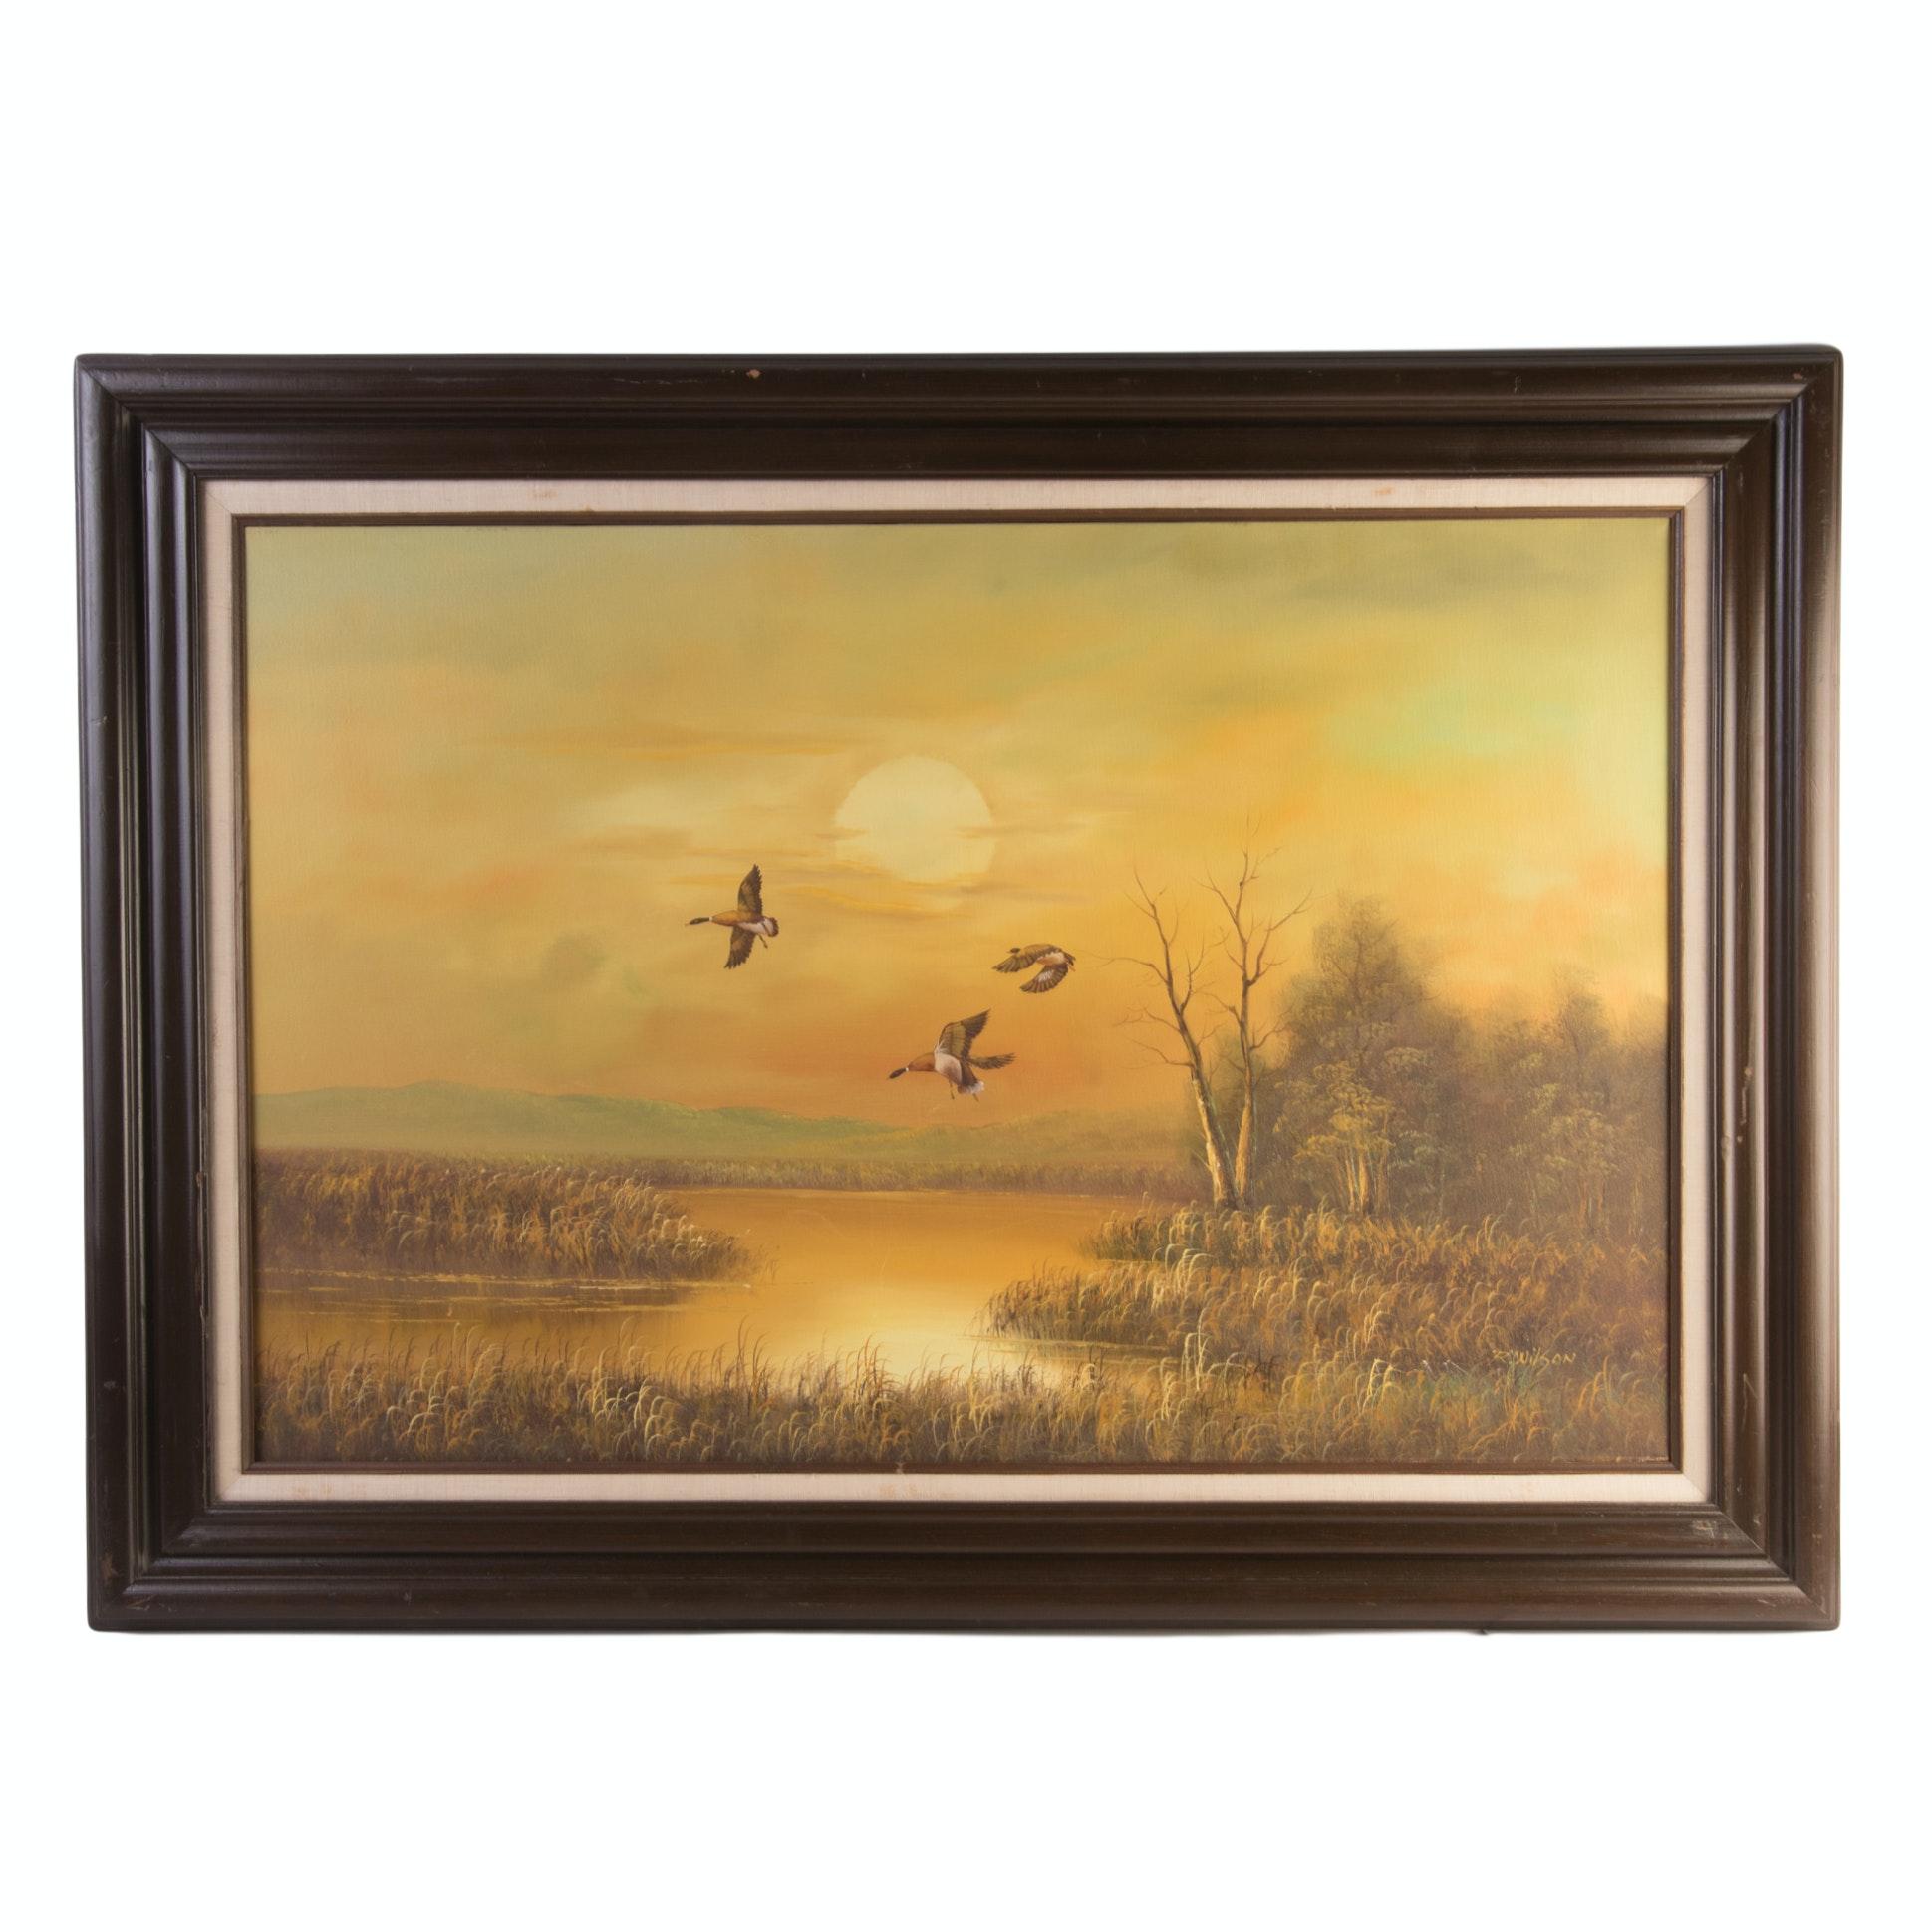 R. Wilson Acrylic on Canvas Landscape